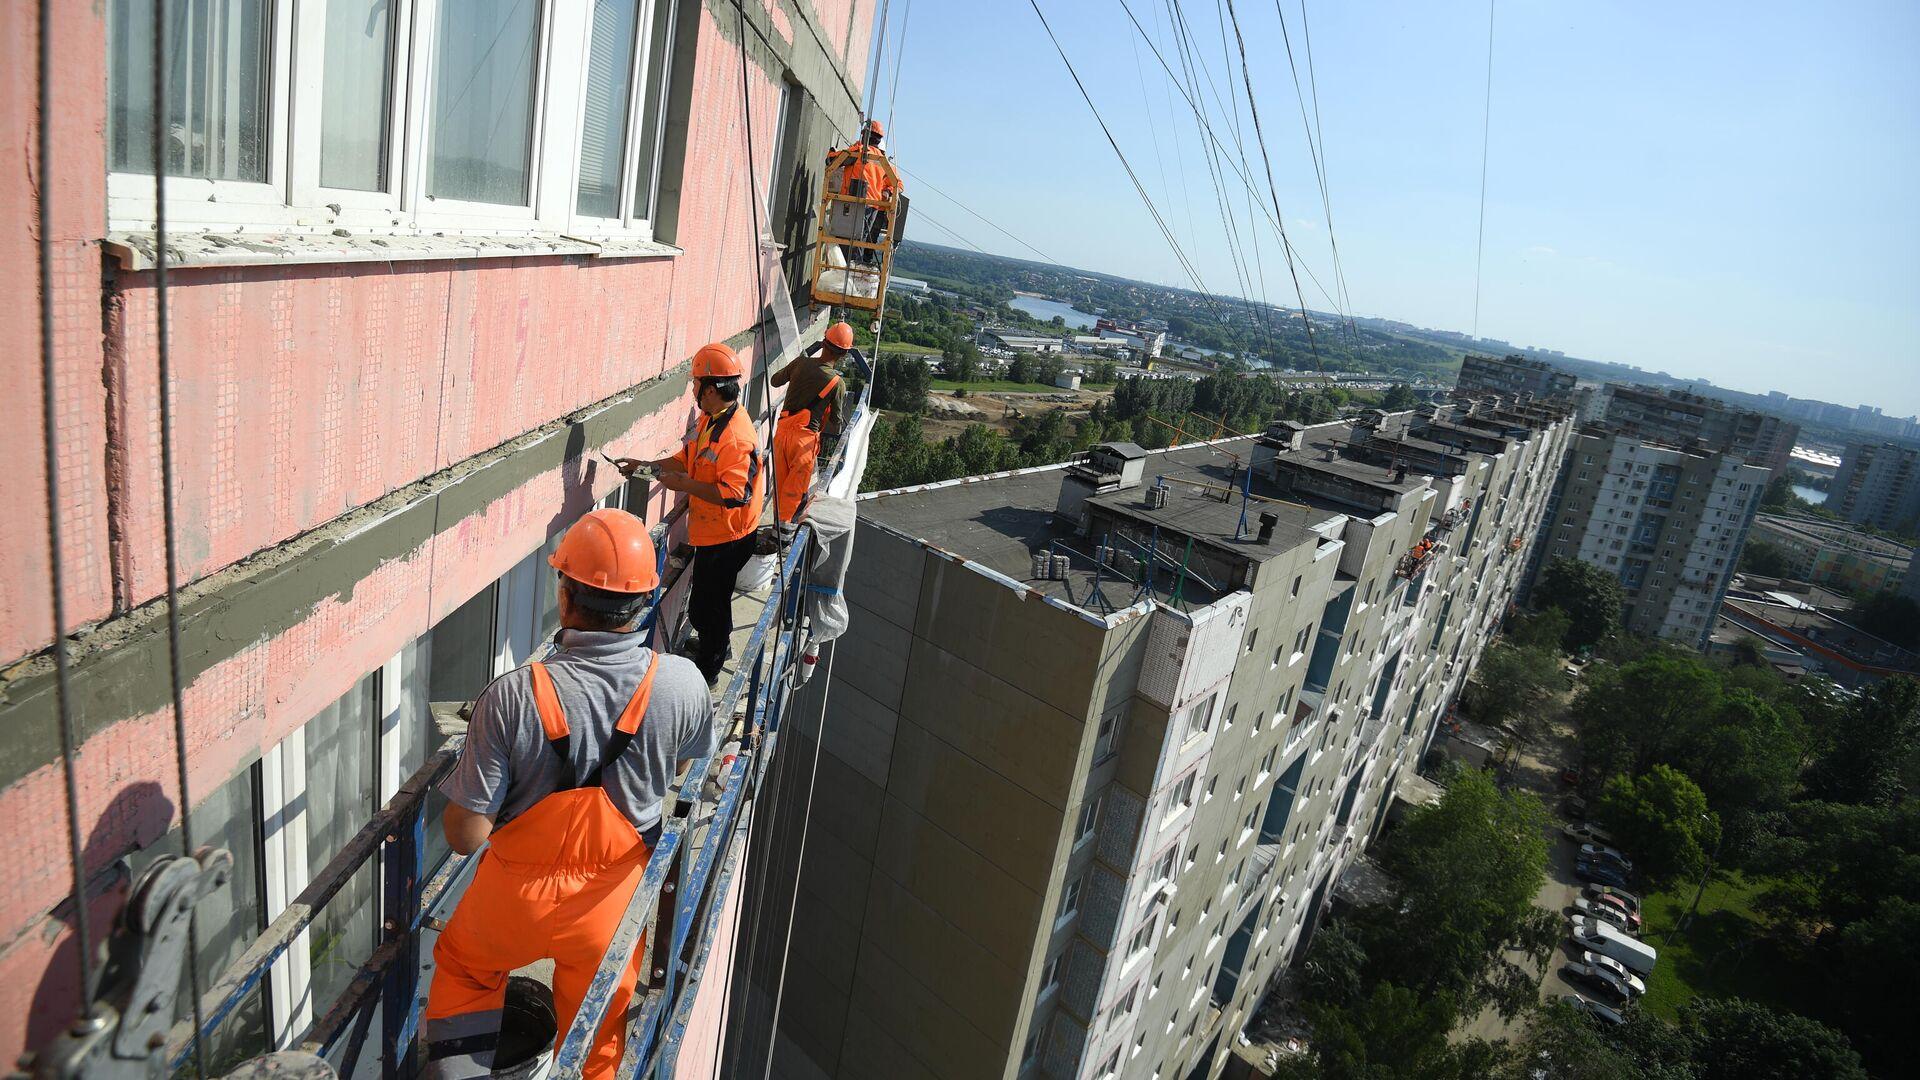 Рабочие проводят ремонт жилого дома в московском районе Капотня - РИА Новости, 1920, 06.08.2019